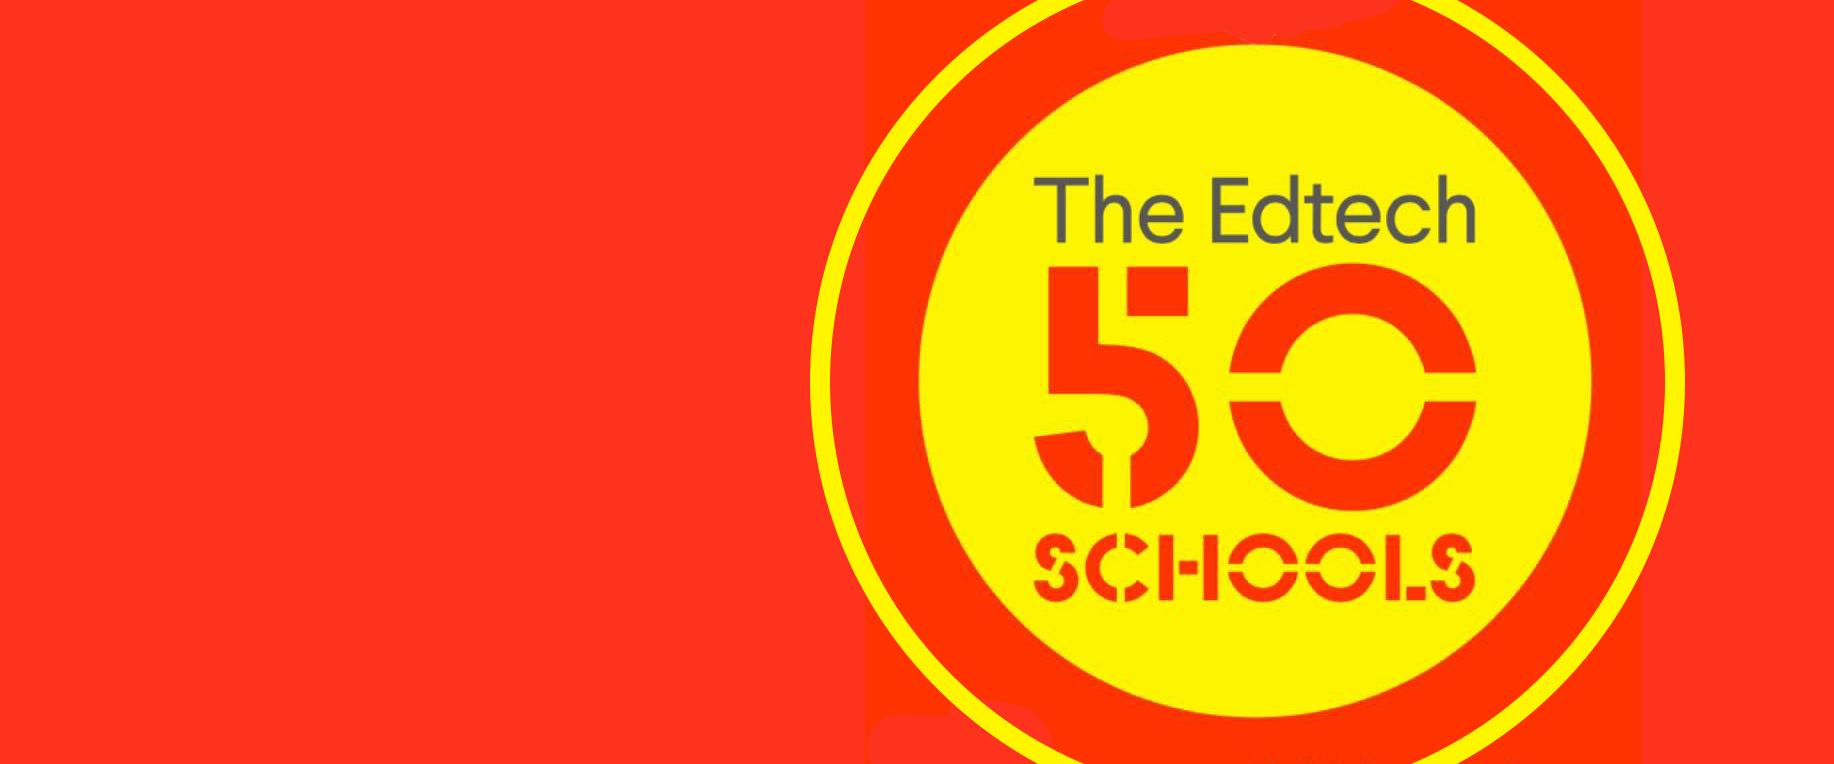 edtech-51